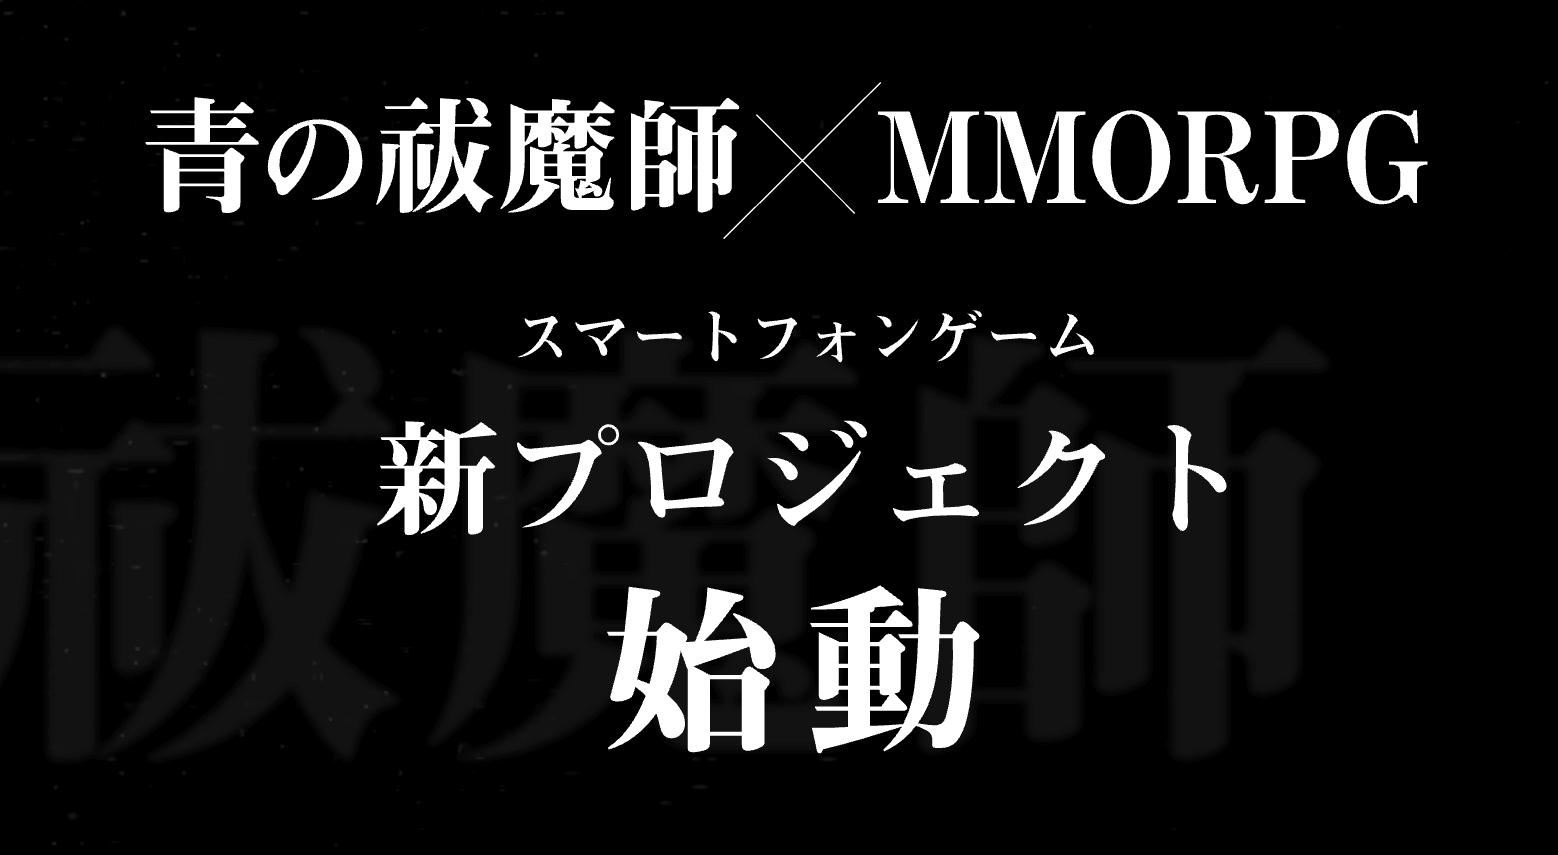 【青の祓魔師×MMORPG】配信日・リリース日はいつ?事前登録情報